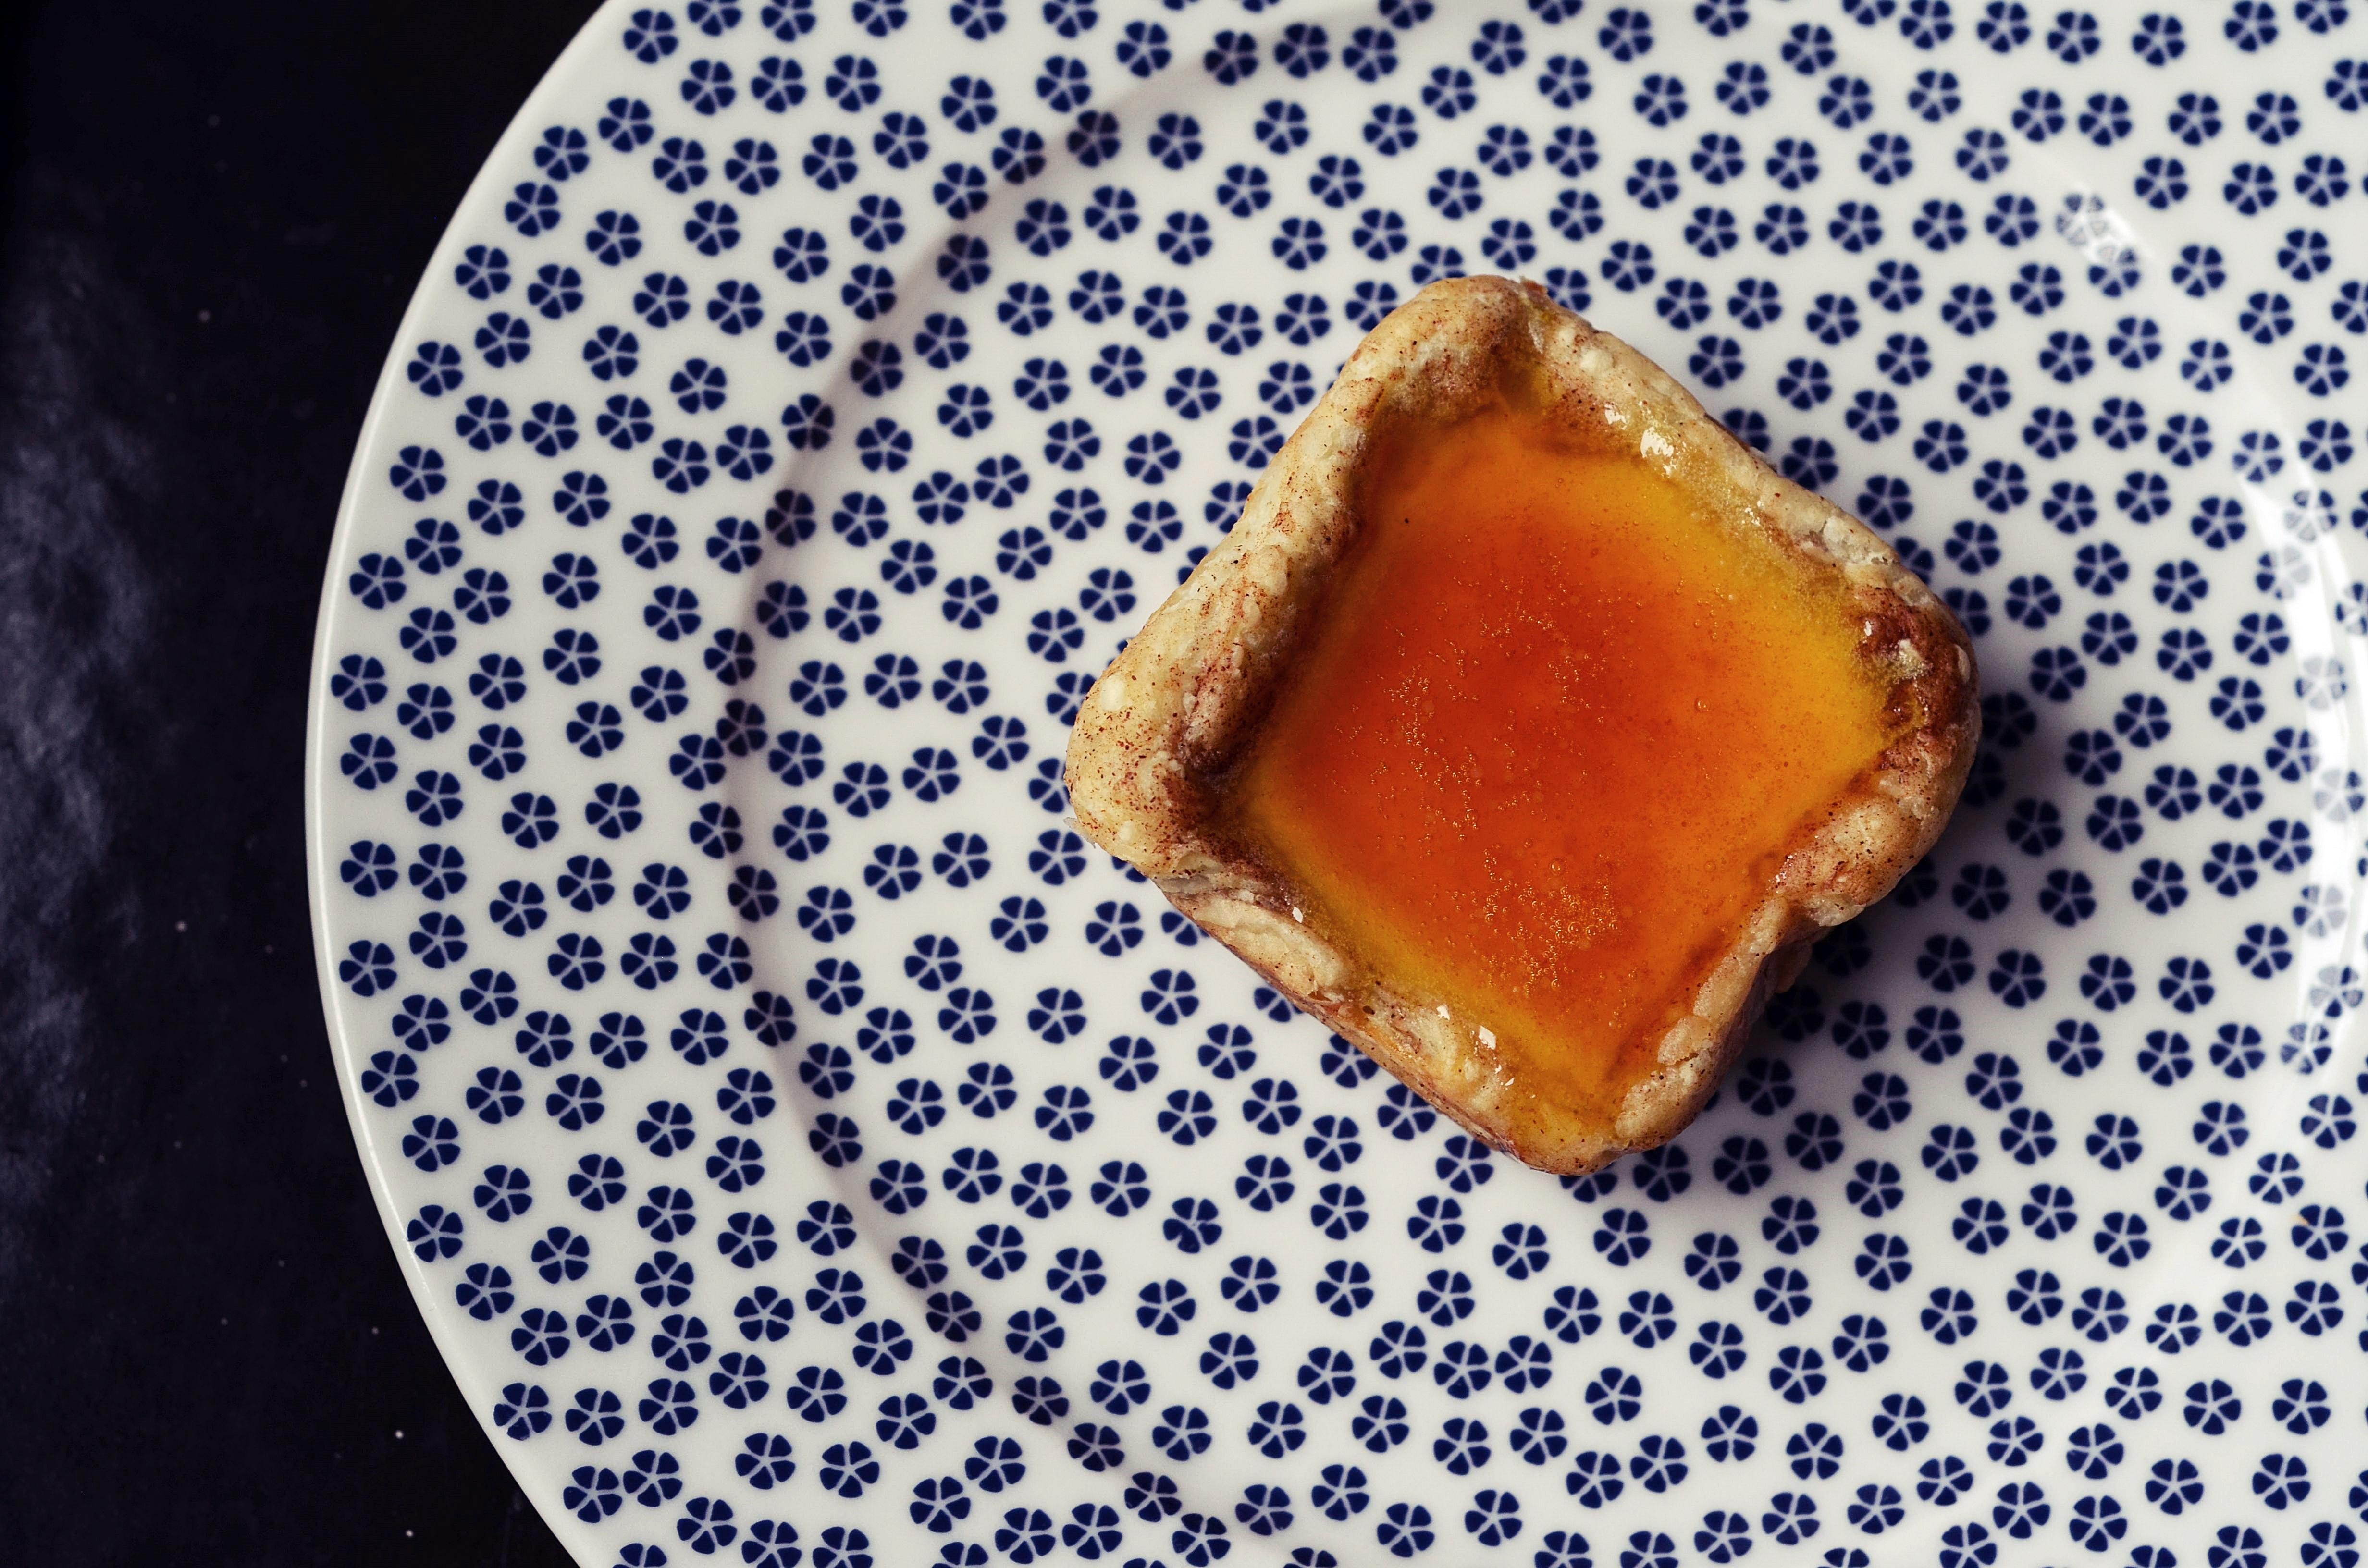 Pasteís de Nata - Portugalské koláčky se skořicí a pomerančovým karamelem